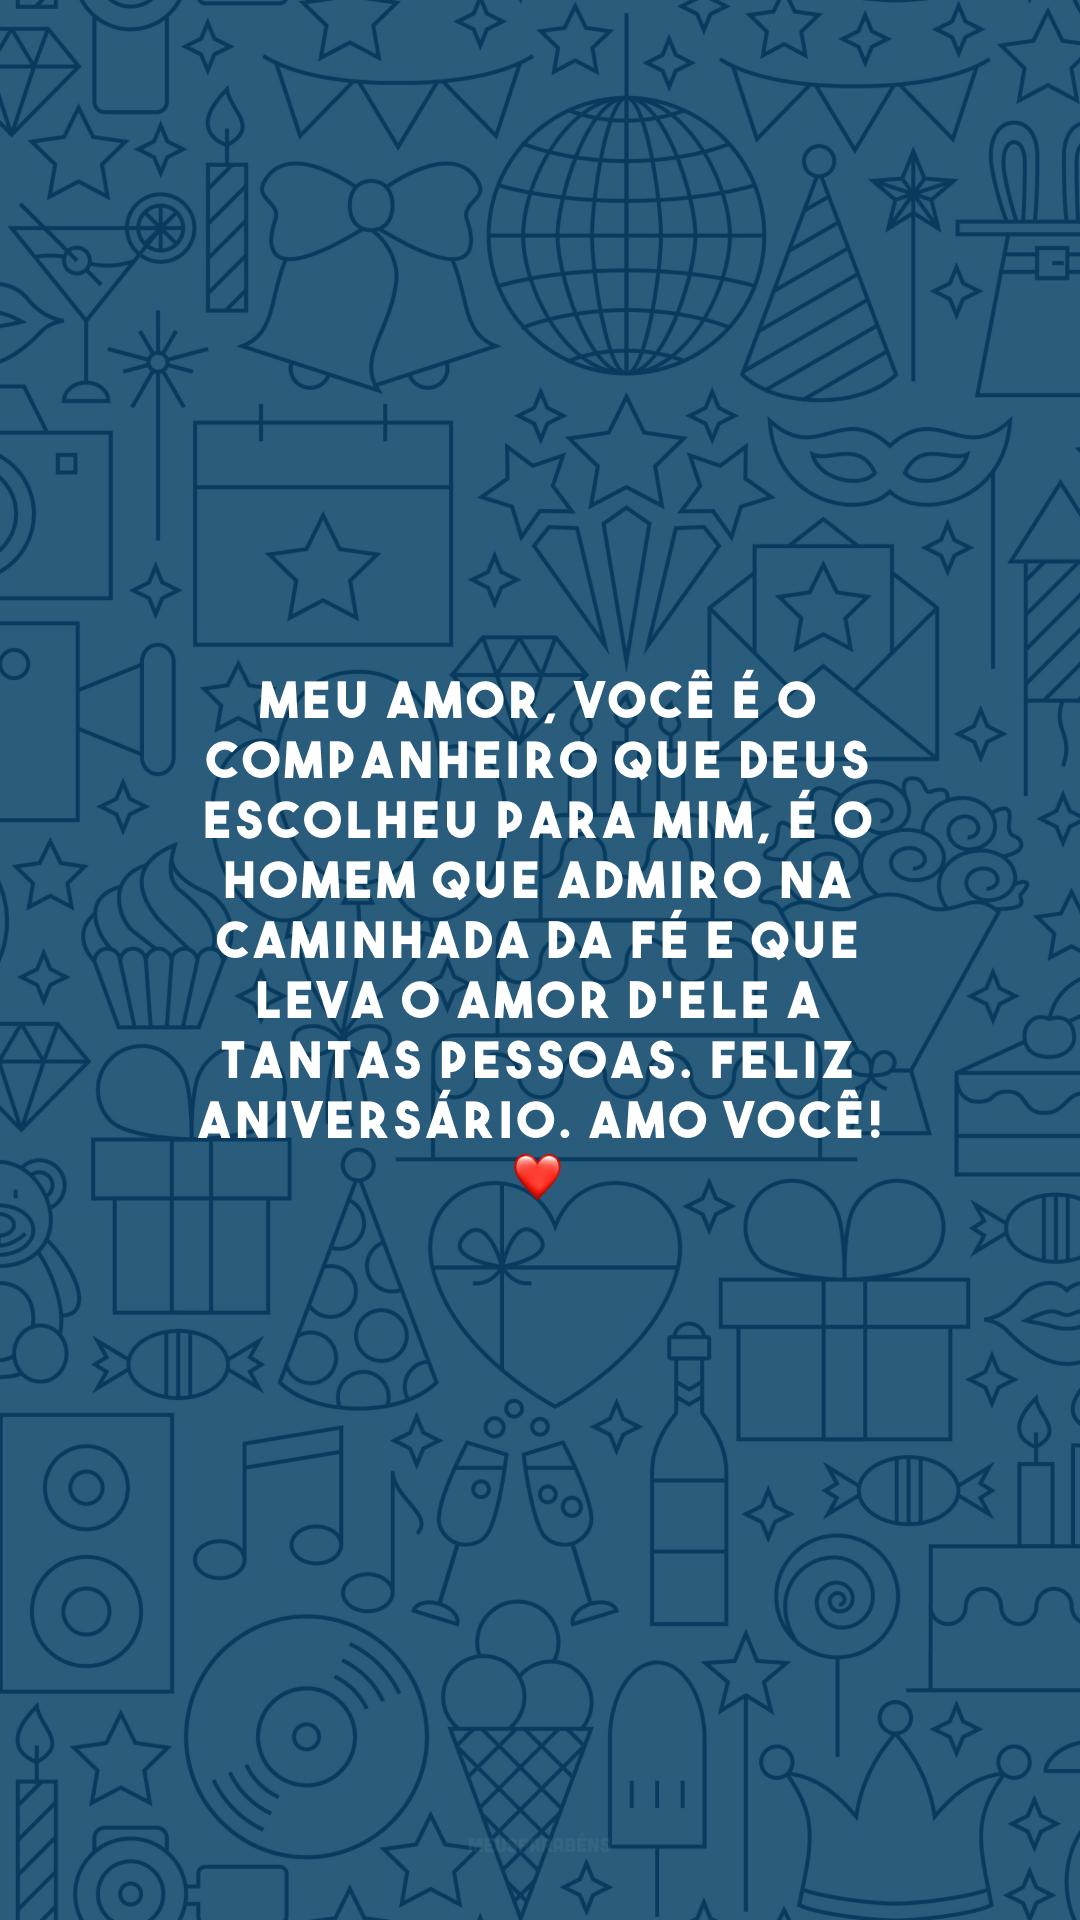 Meu amor, você é o companheiro que Deus escolheu para mim, é o homem que admiro na caminhada da fé e que leva o amor d'Ele a tantas pessoas. Feliz aniversário. Amo você! ❤️